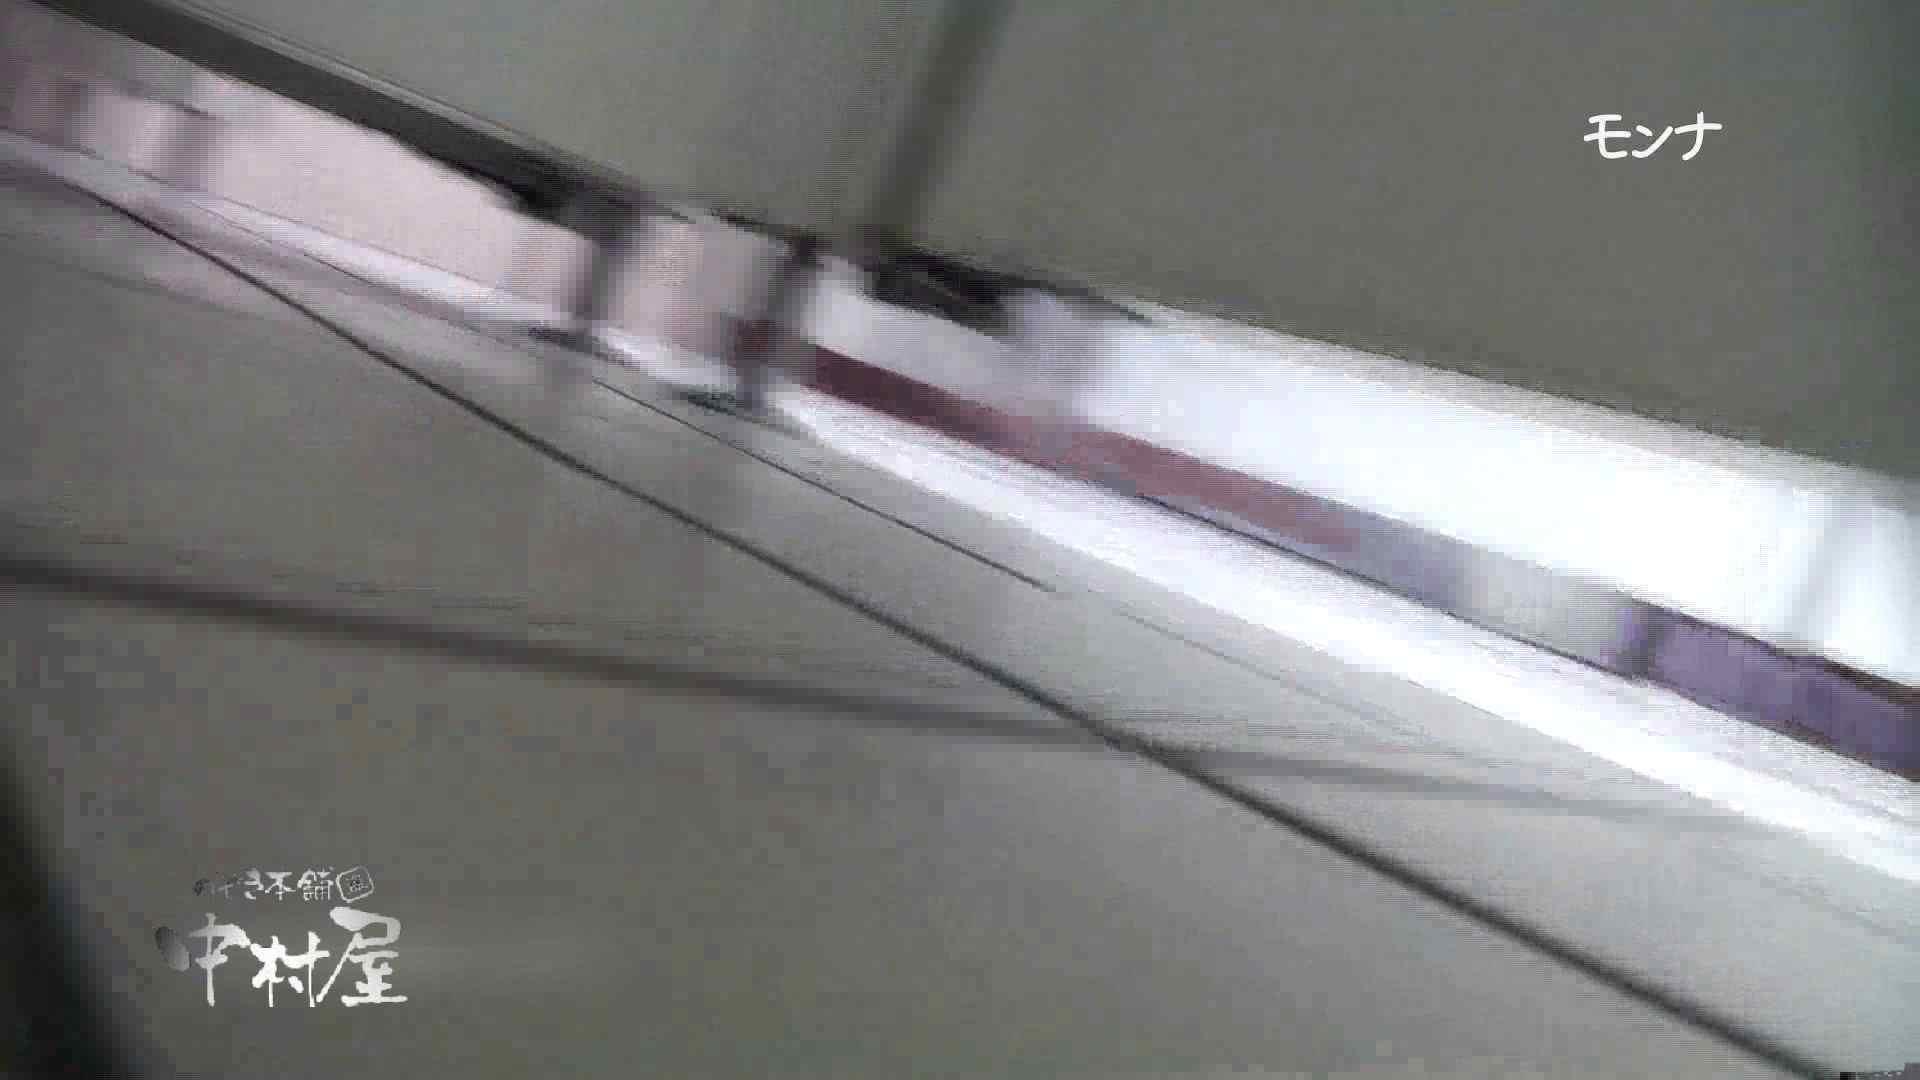 【美しい日本の未来】新学期!!下半身中心に攻めてます美女可愛い女子悪戯盗satuトイレ後編 美女まとめ  100PIX 68